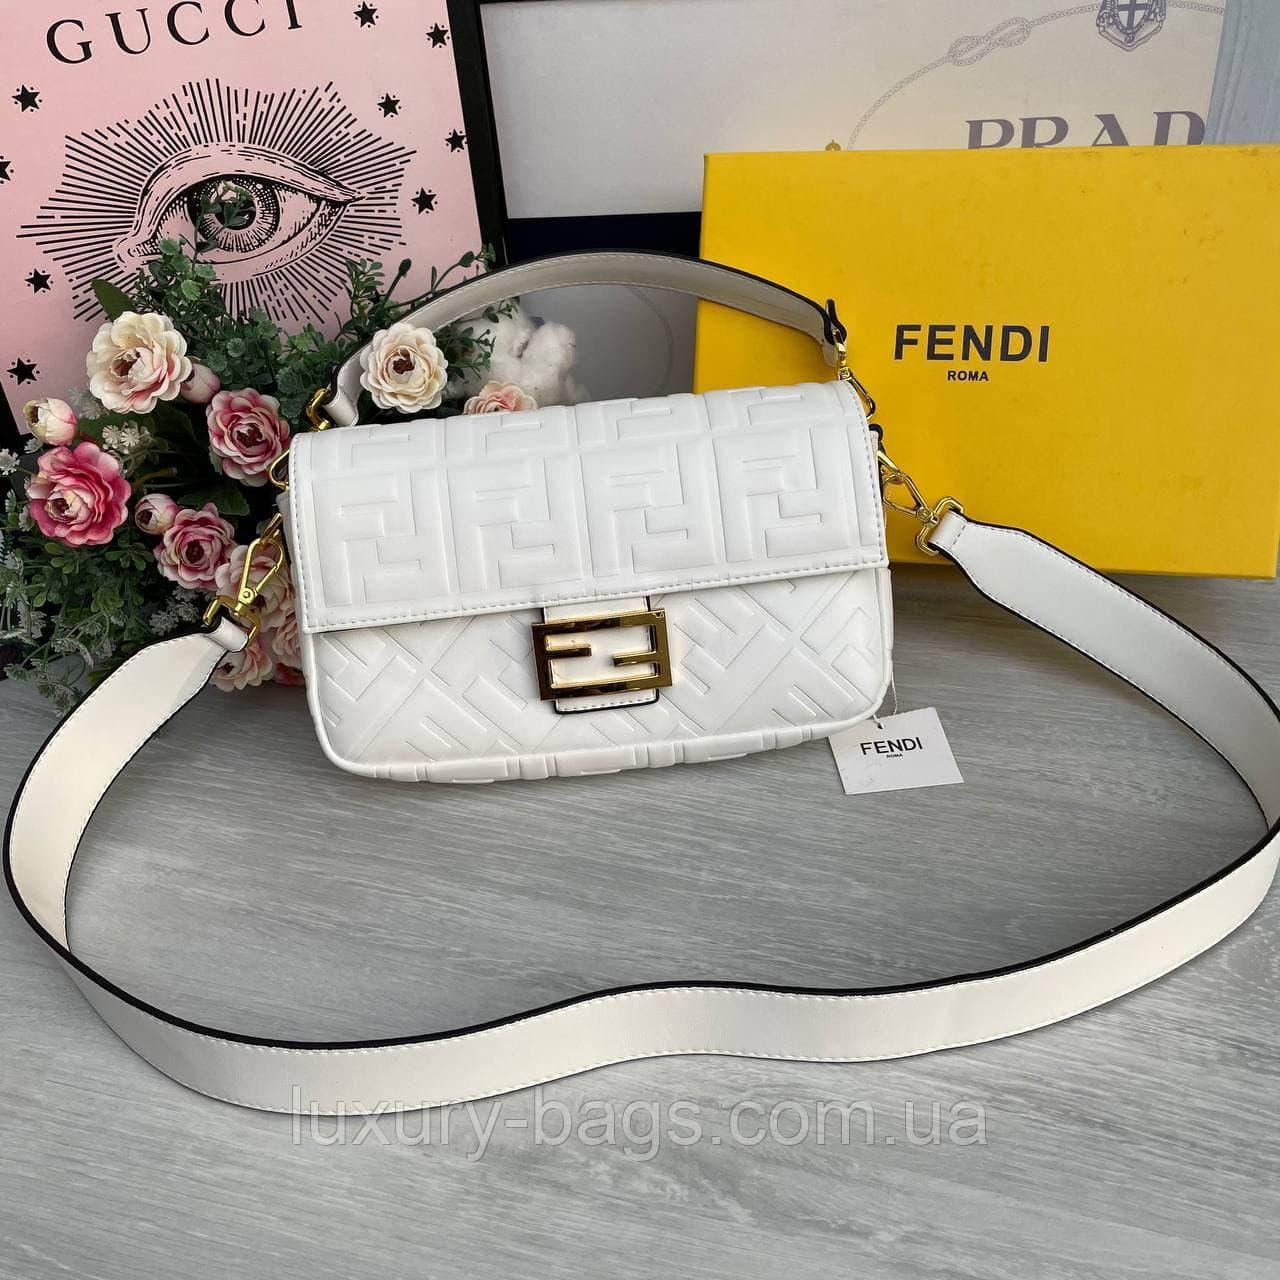 Жіноча біла сумка Fendi Baguette